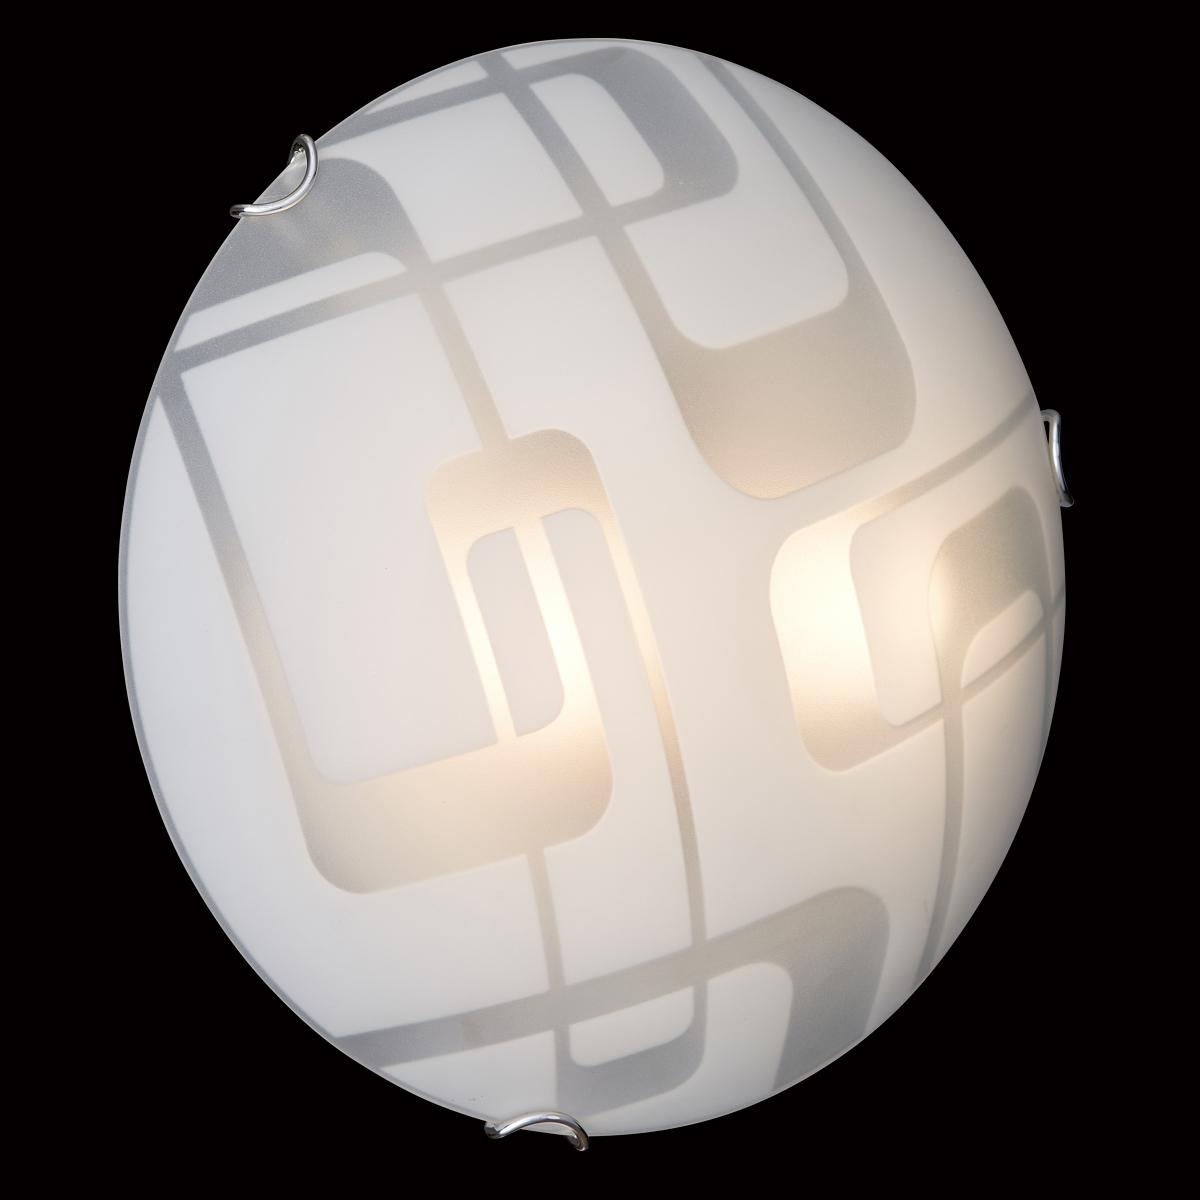 Потолочный светильник Sonex Halo 257, 2xE27x100W, хром, белый, металл, стекло - фото 6